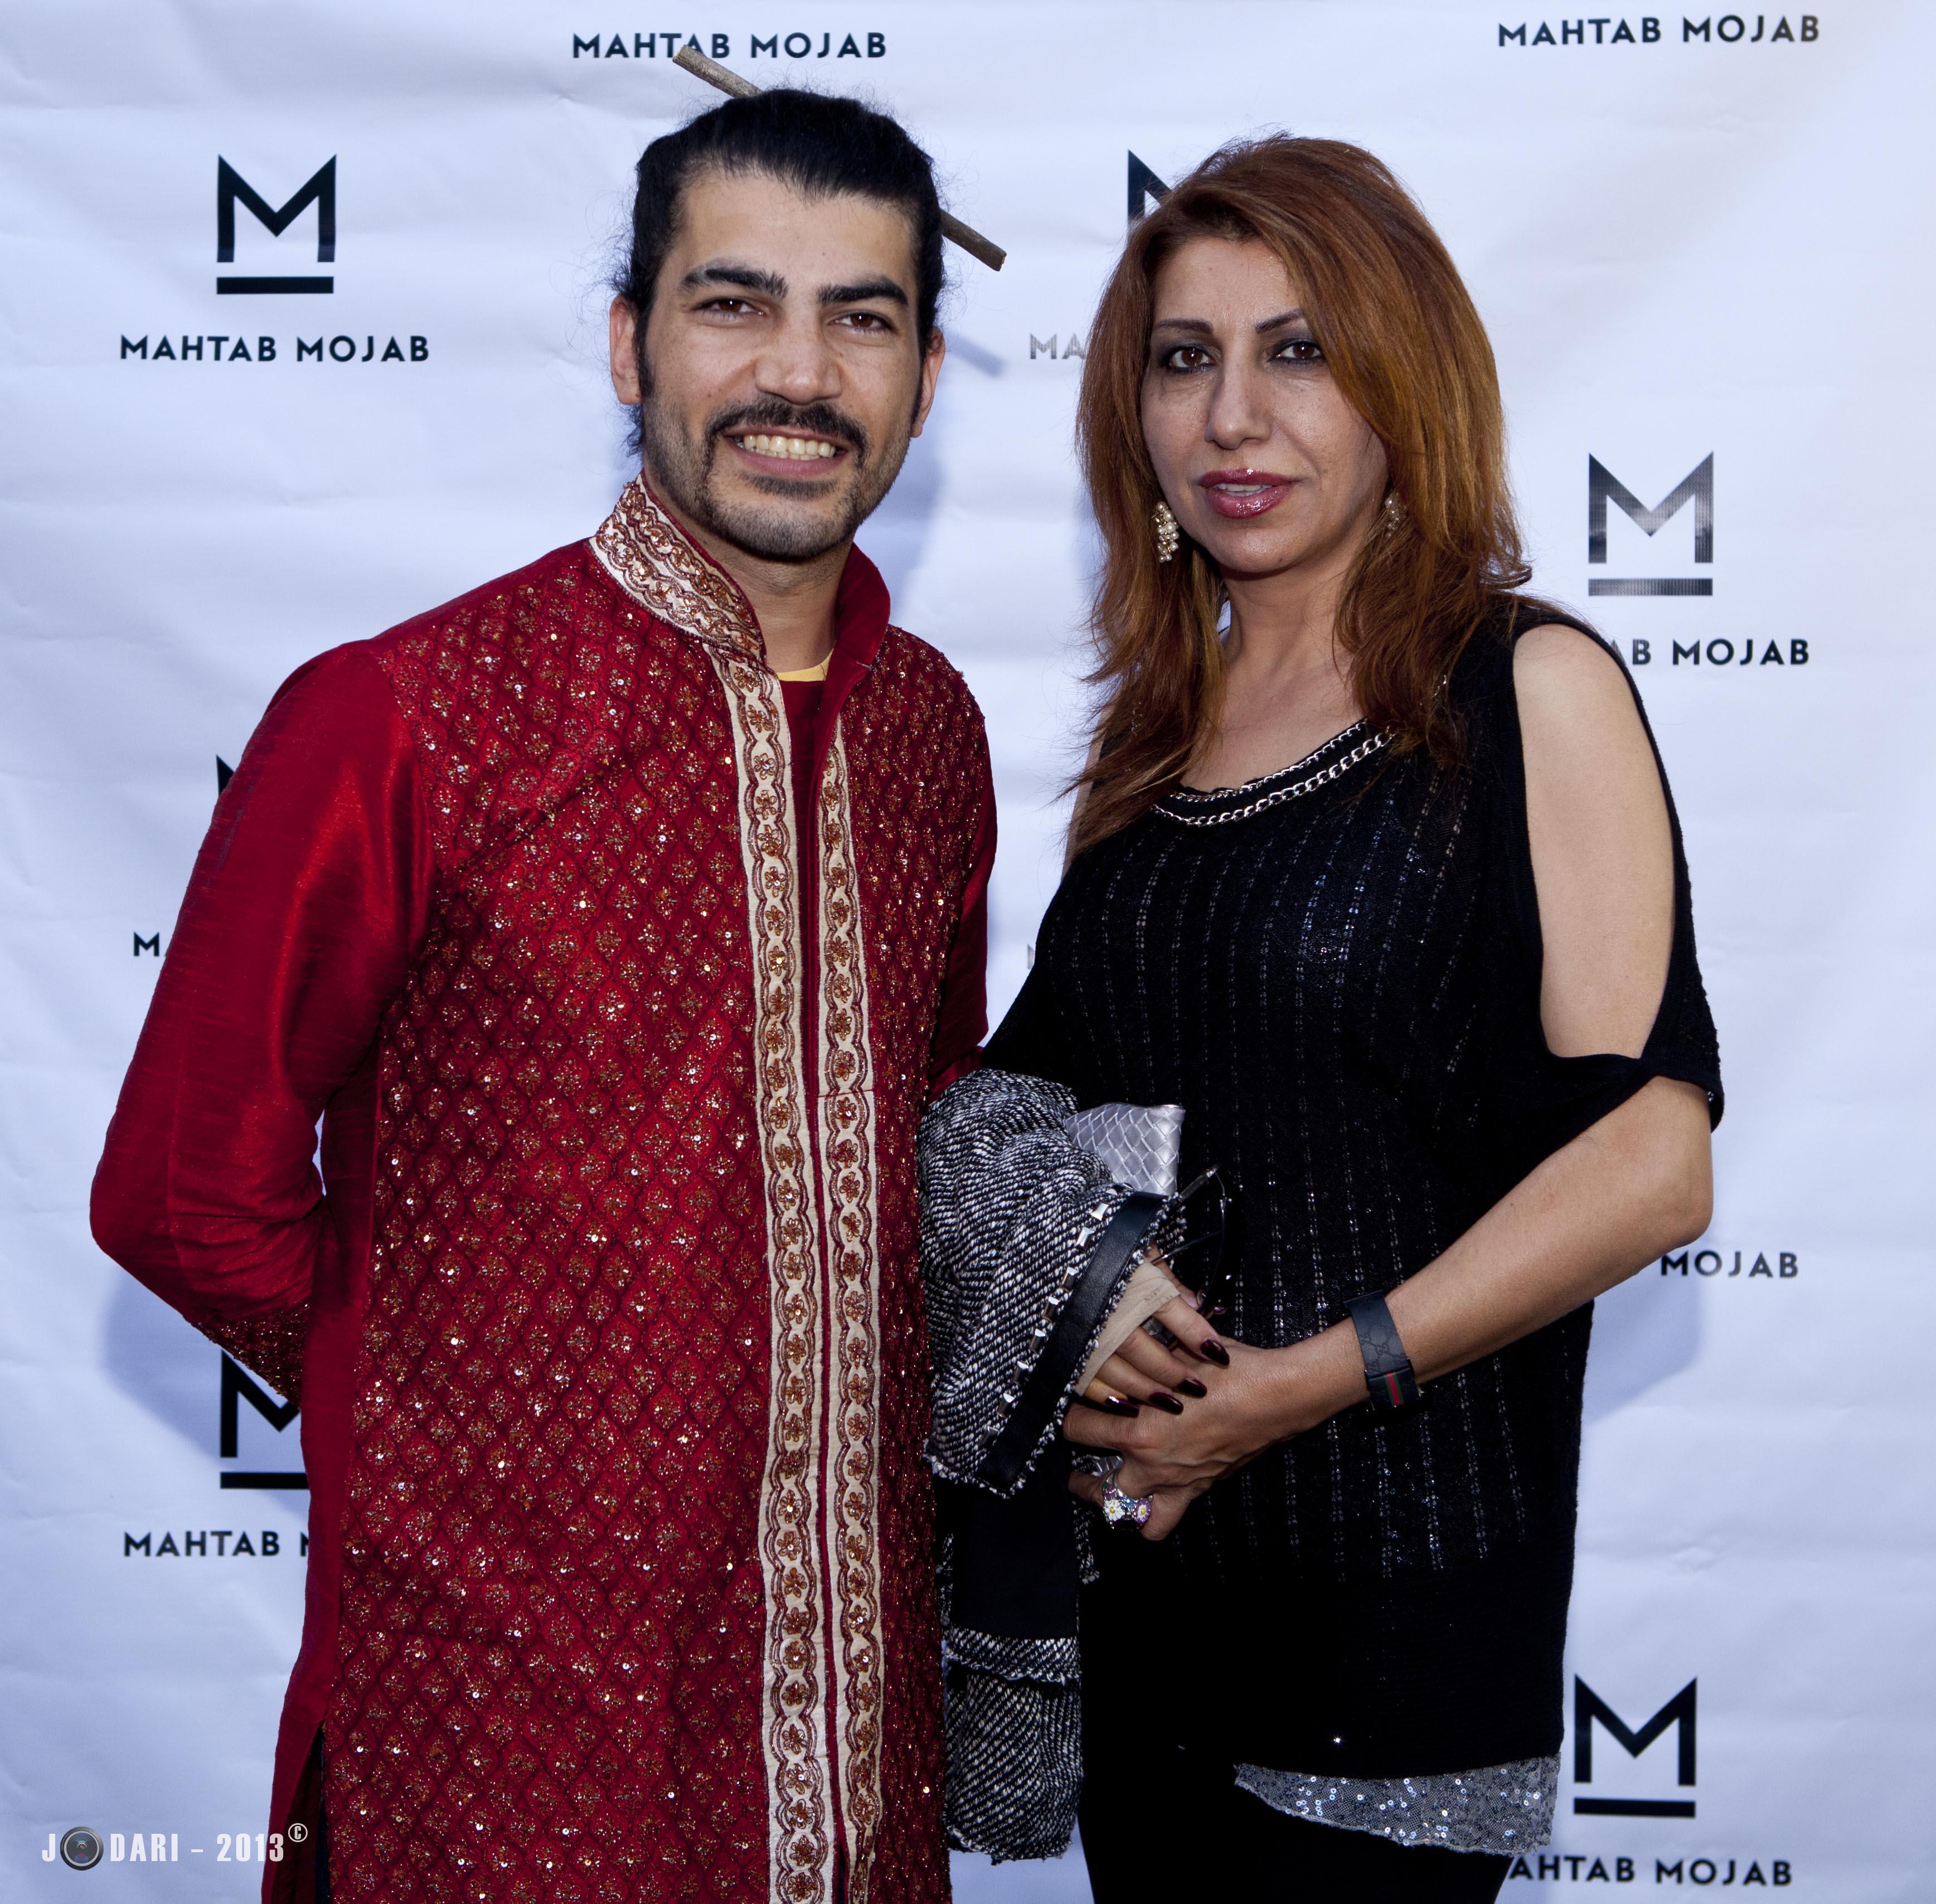 Mahtab Mojab (10).jpg